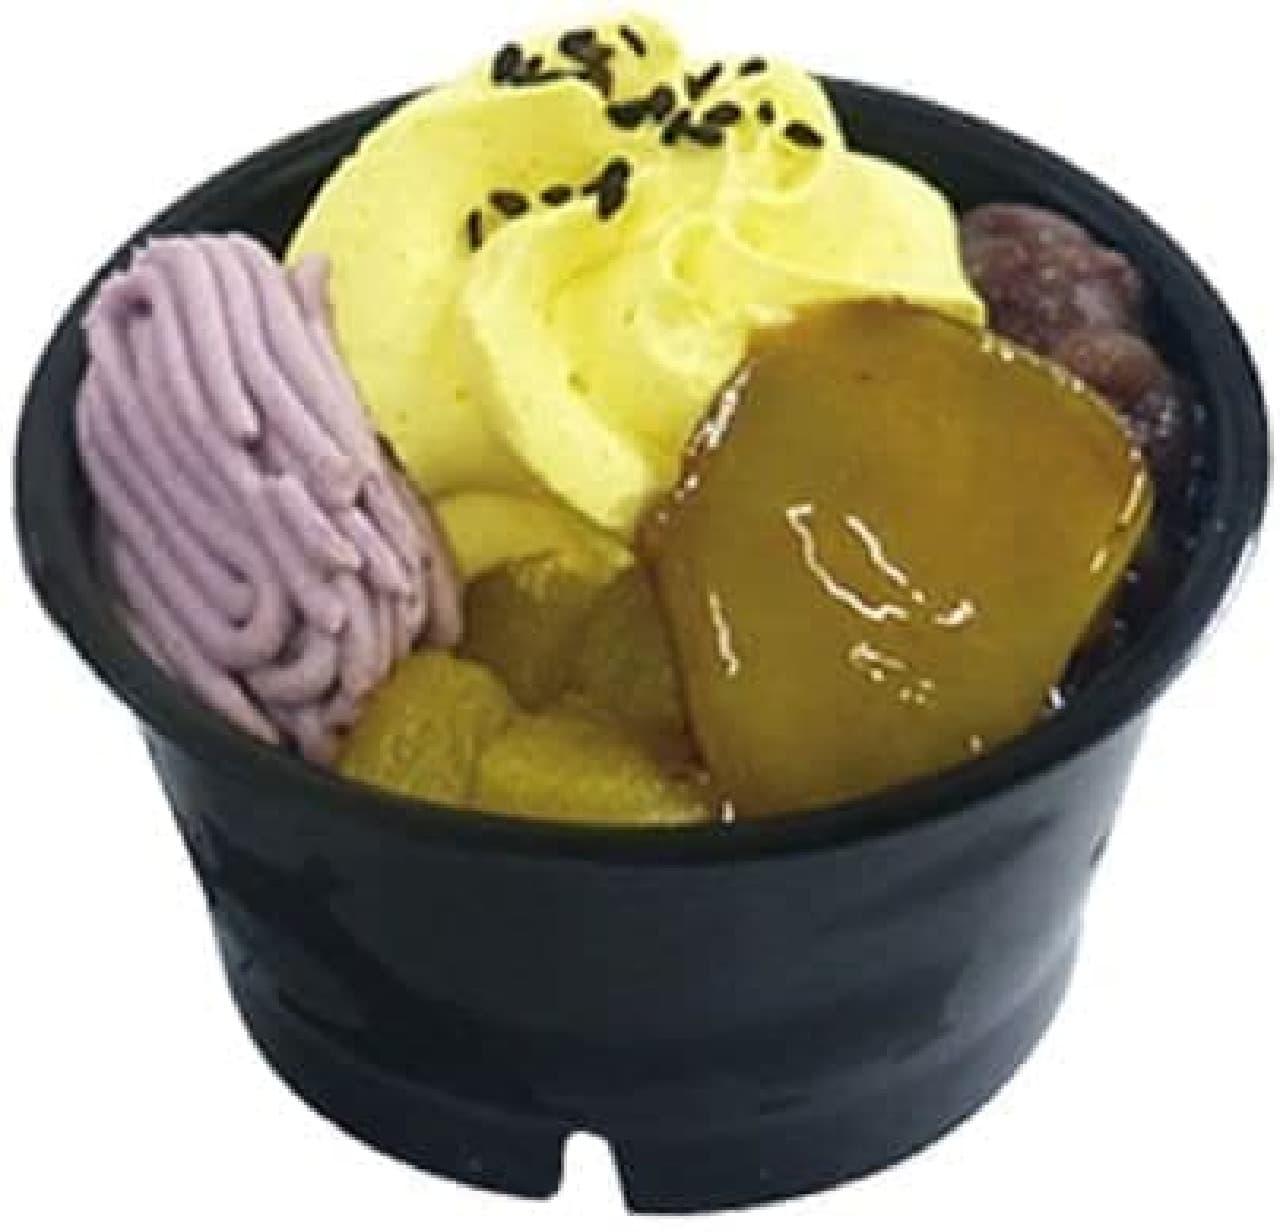 ファミリーマート「お芋がのった和ぱふぇ」